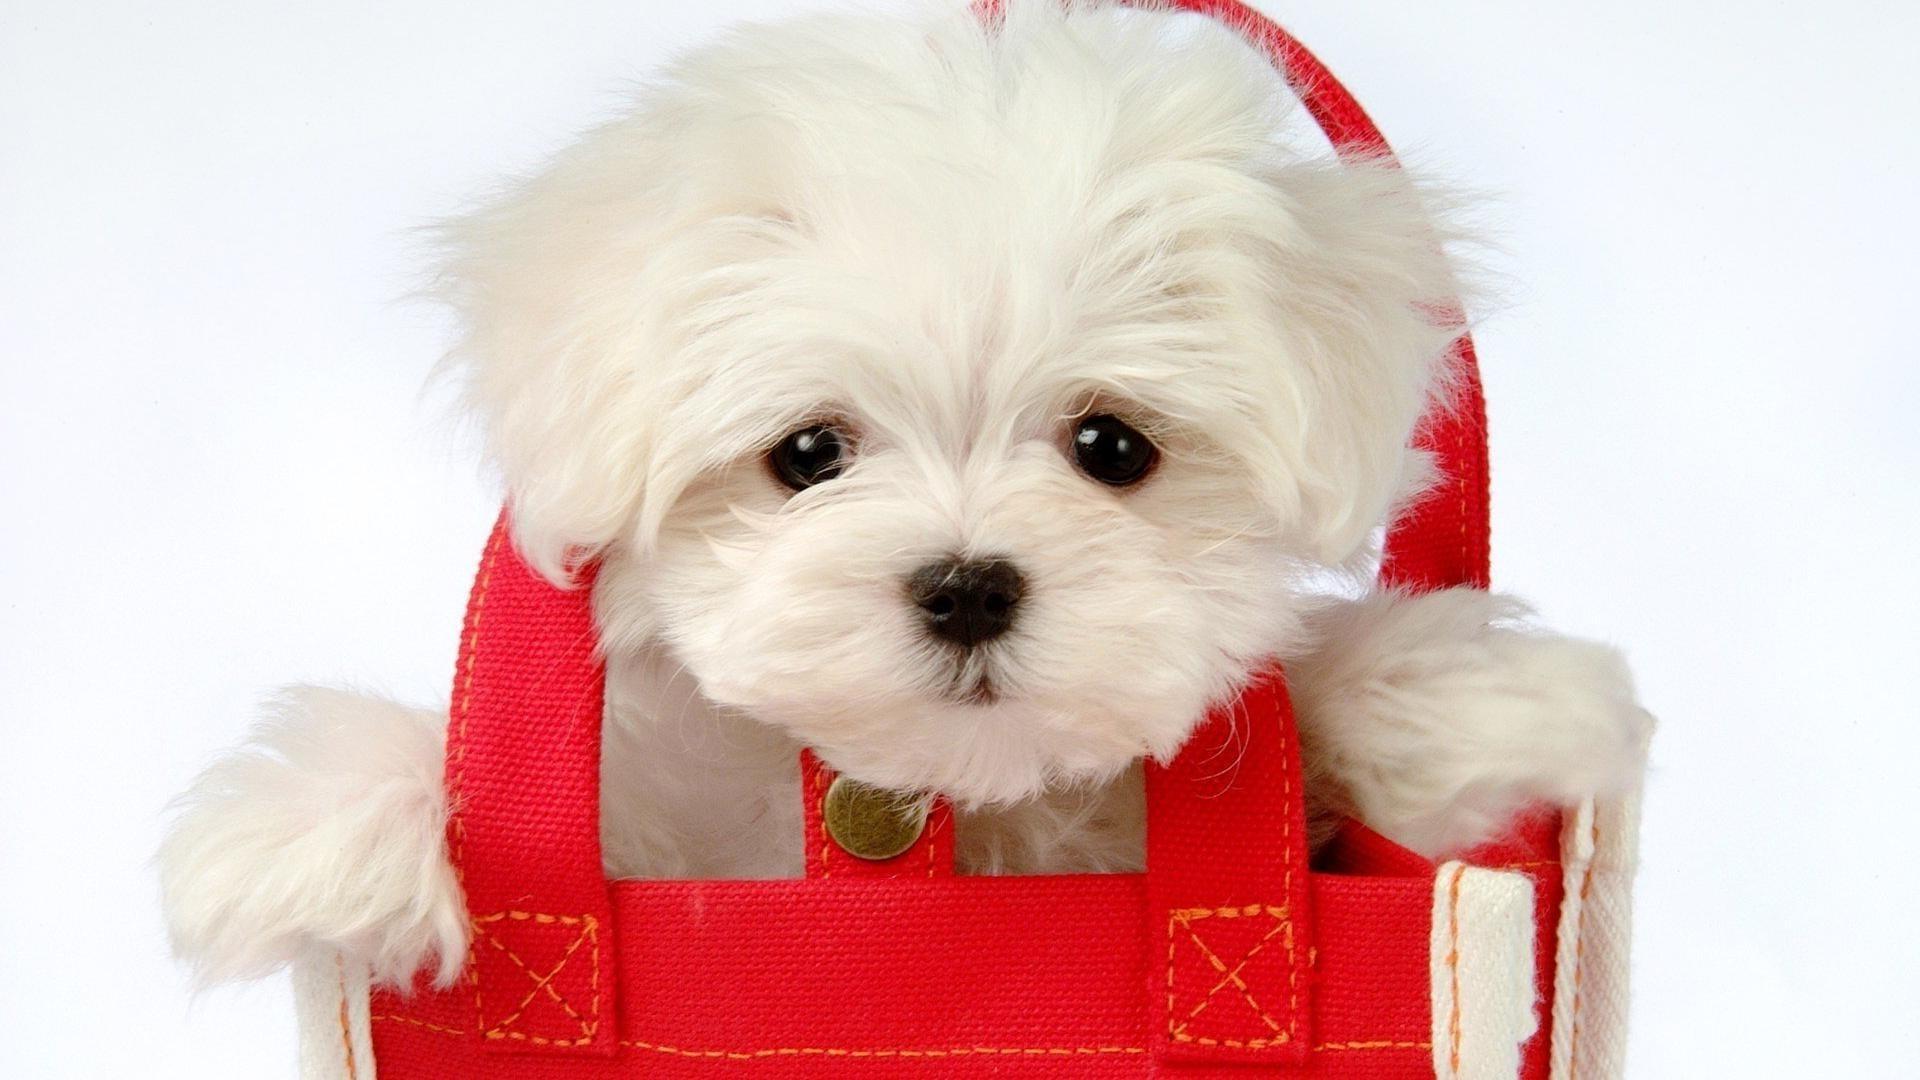 собака пакет сумка  № 1143289 загрузить